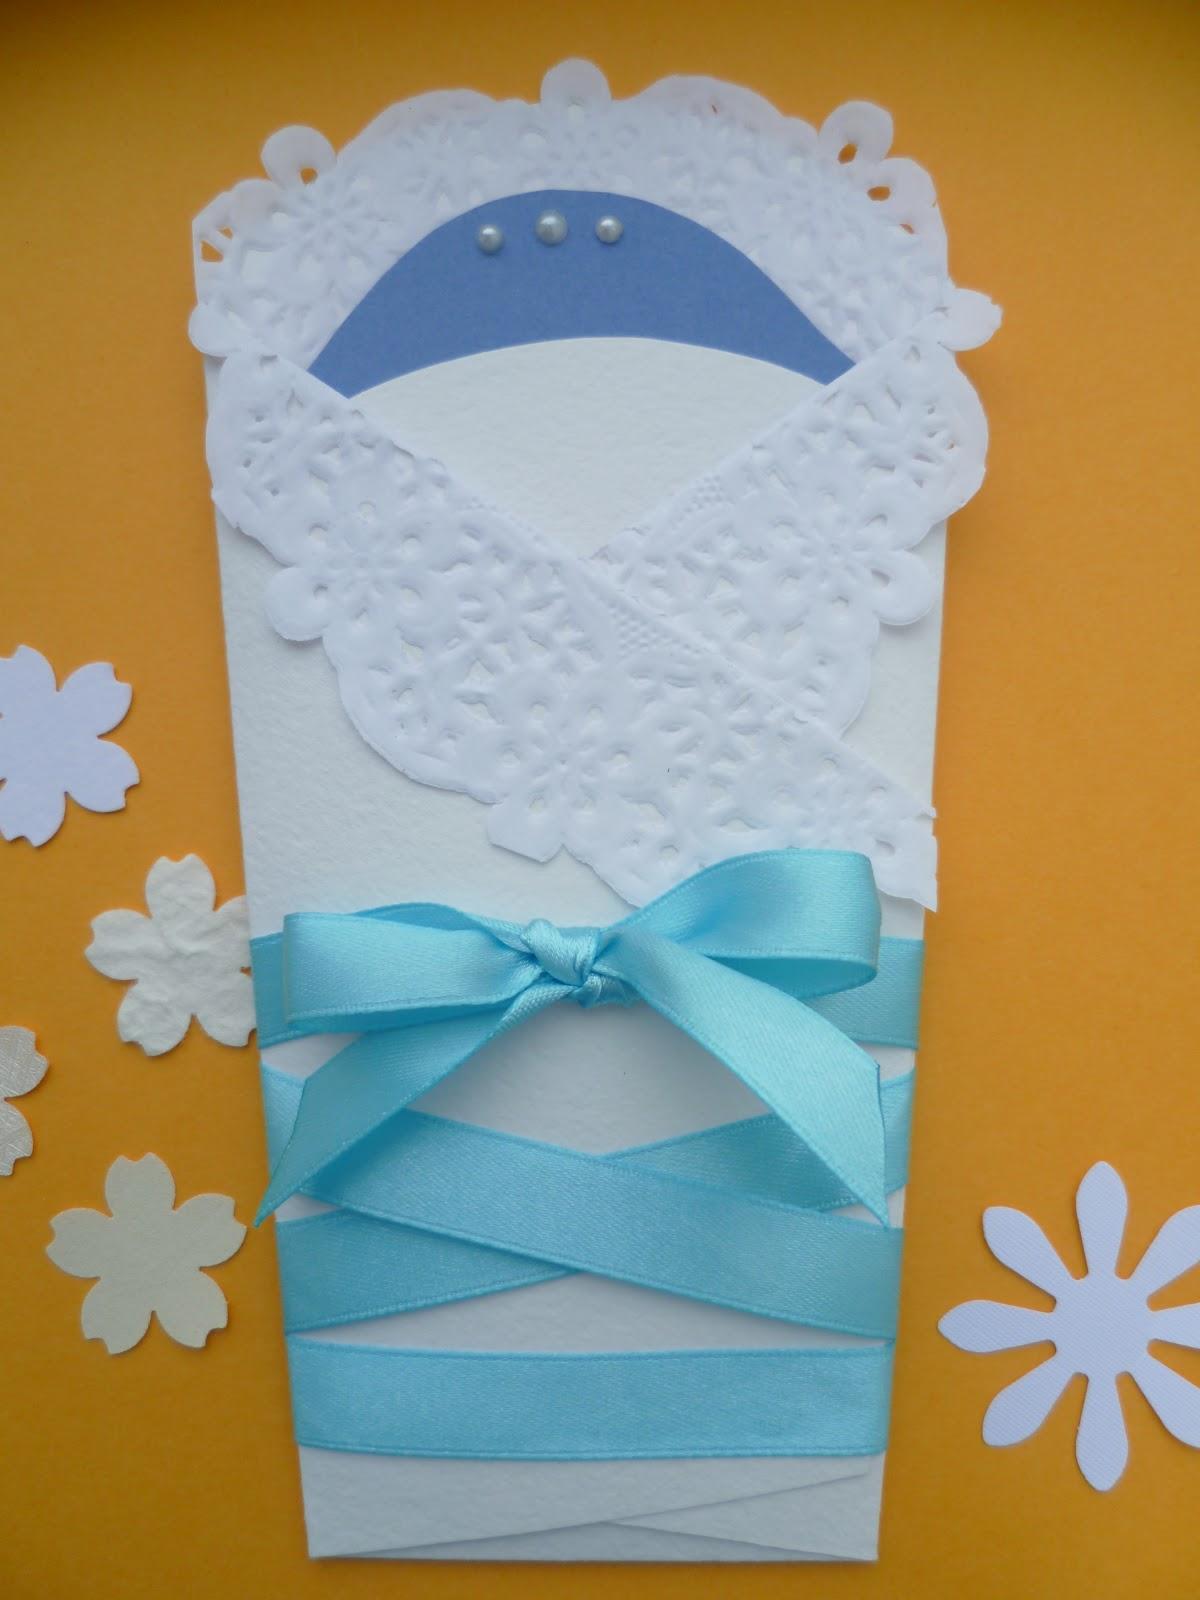 Шаблон для открытки с новорожденным 311